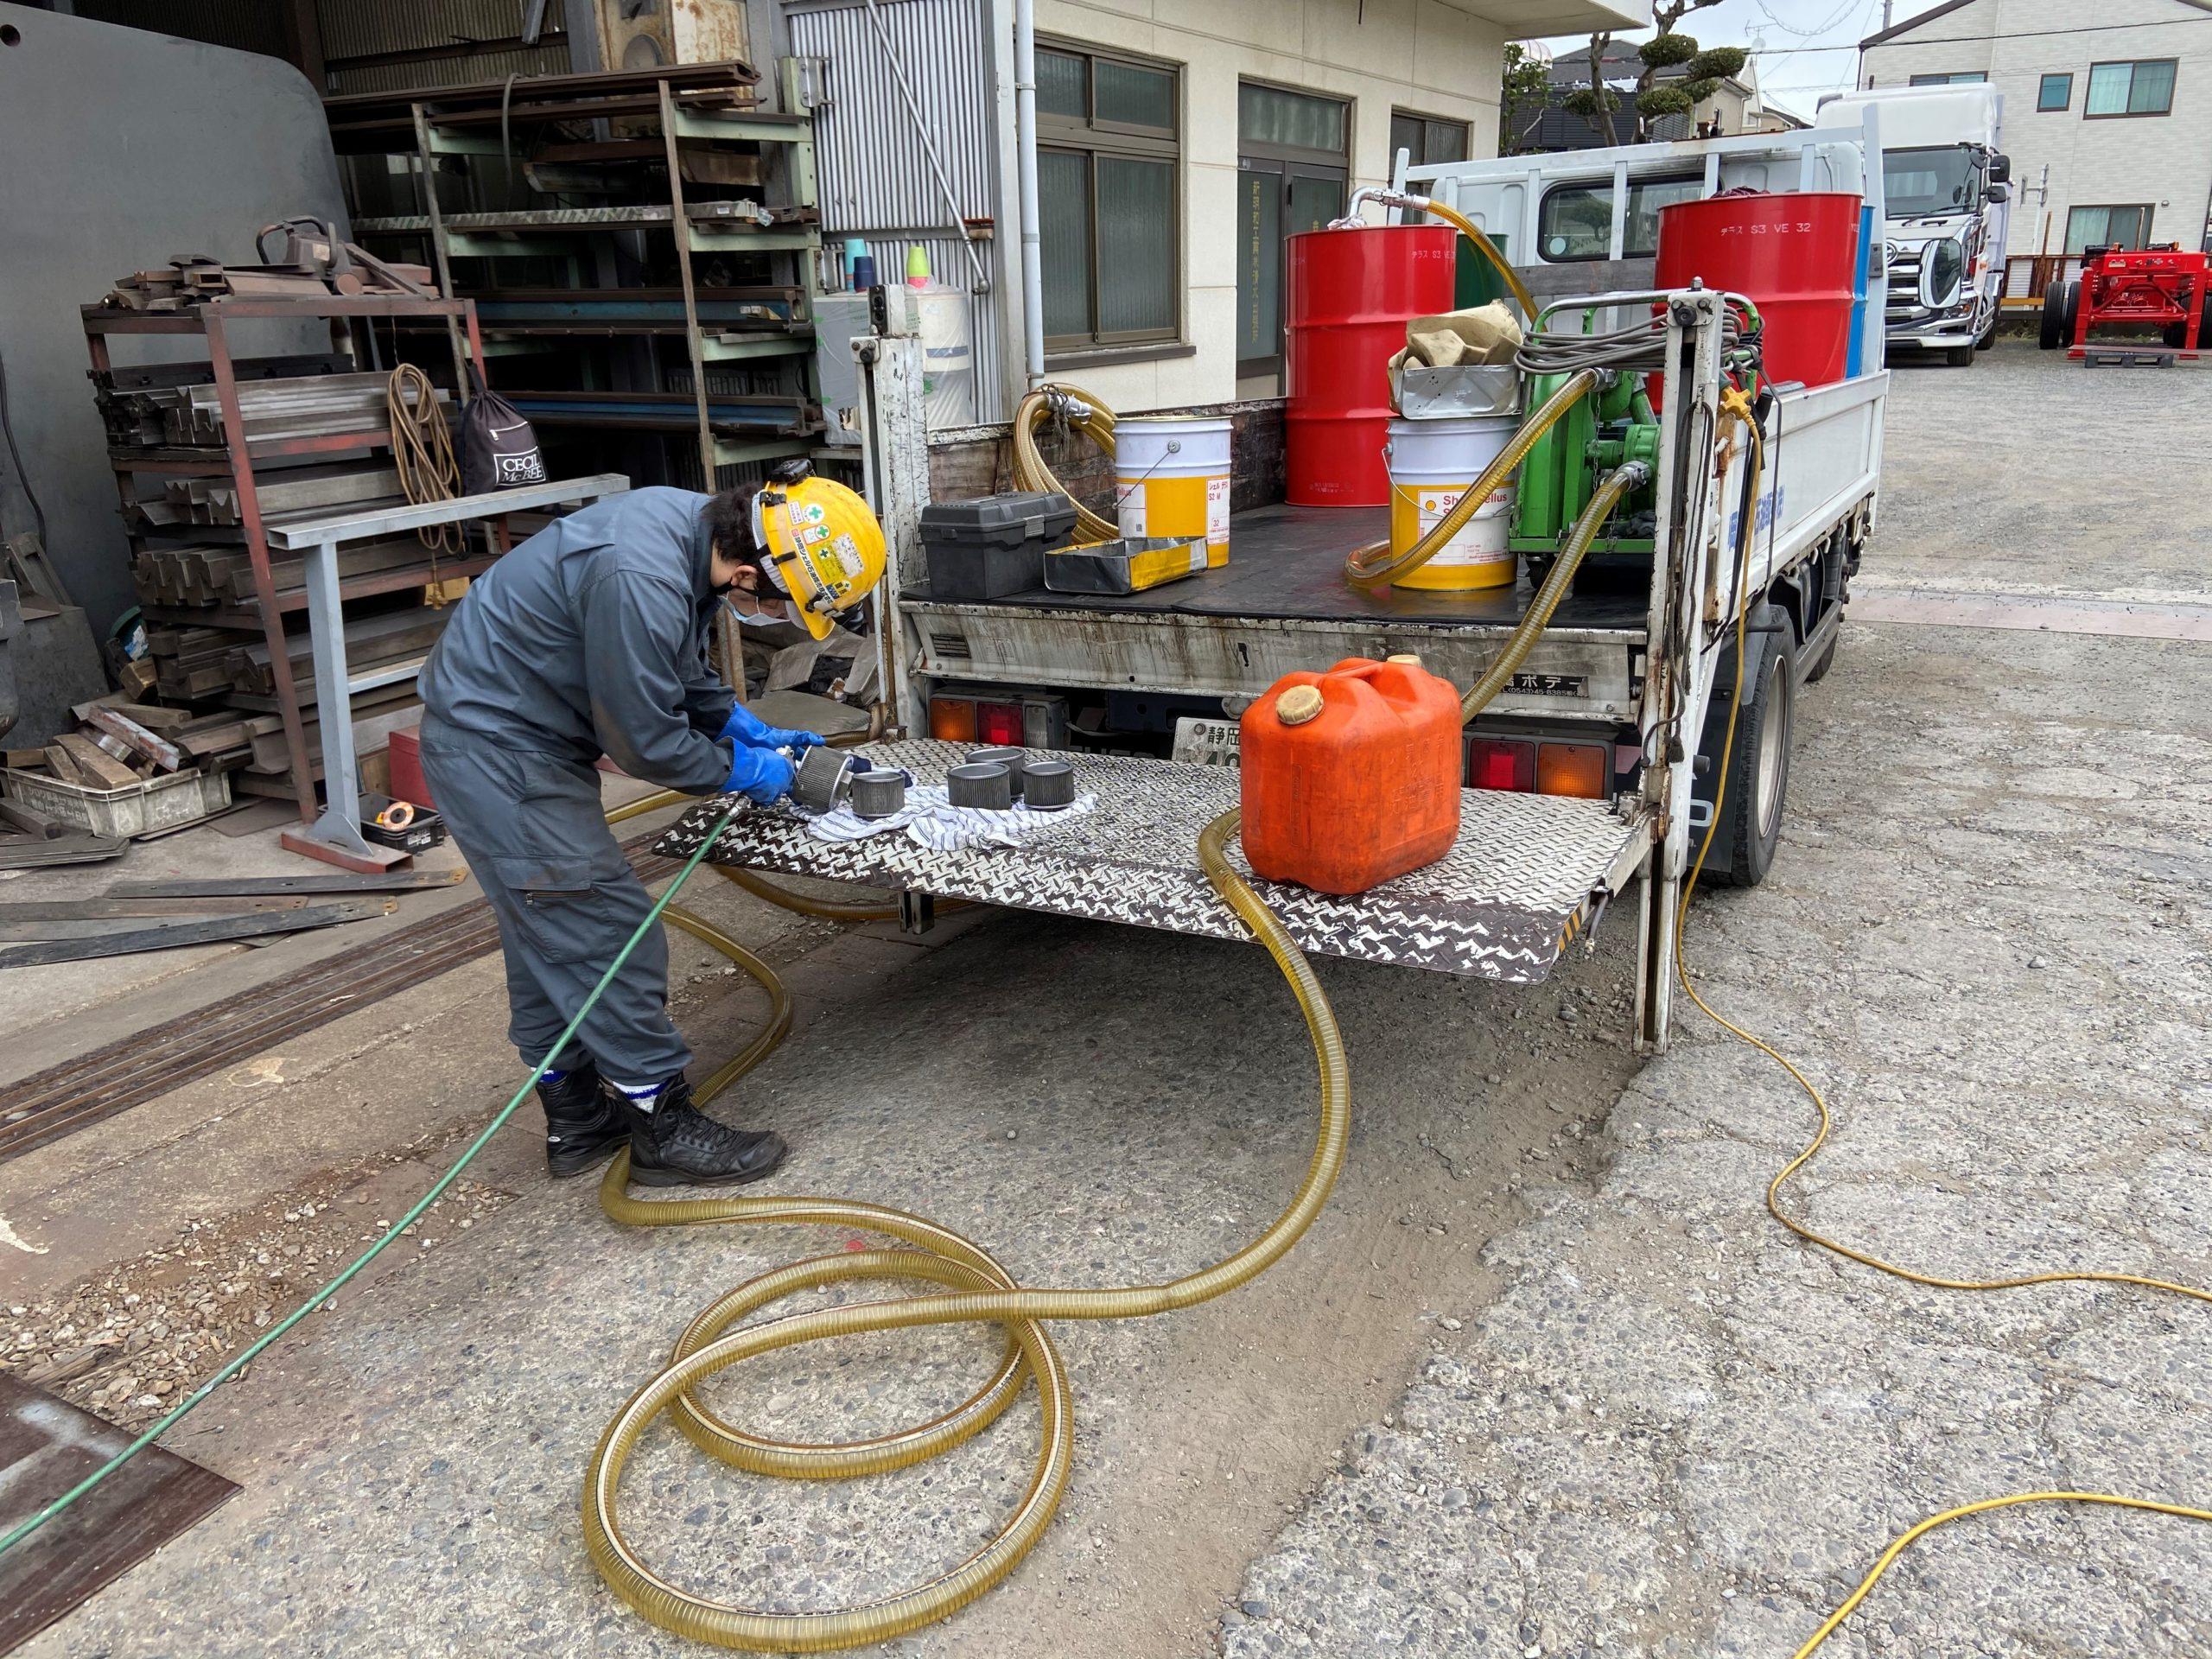 静岡シェル石油販売